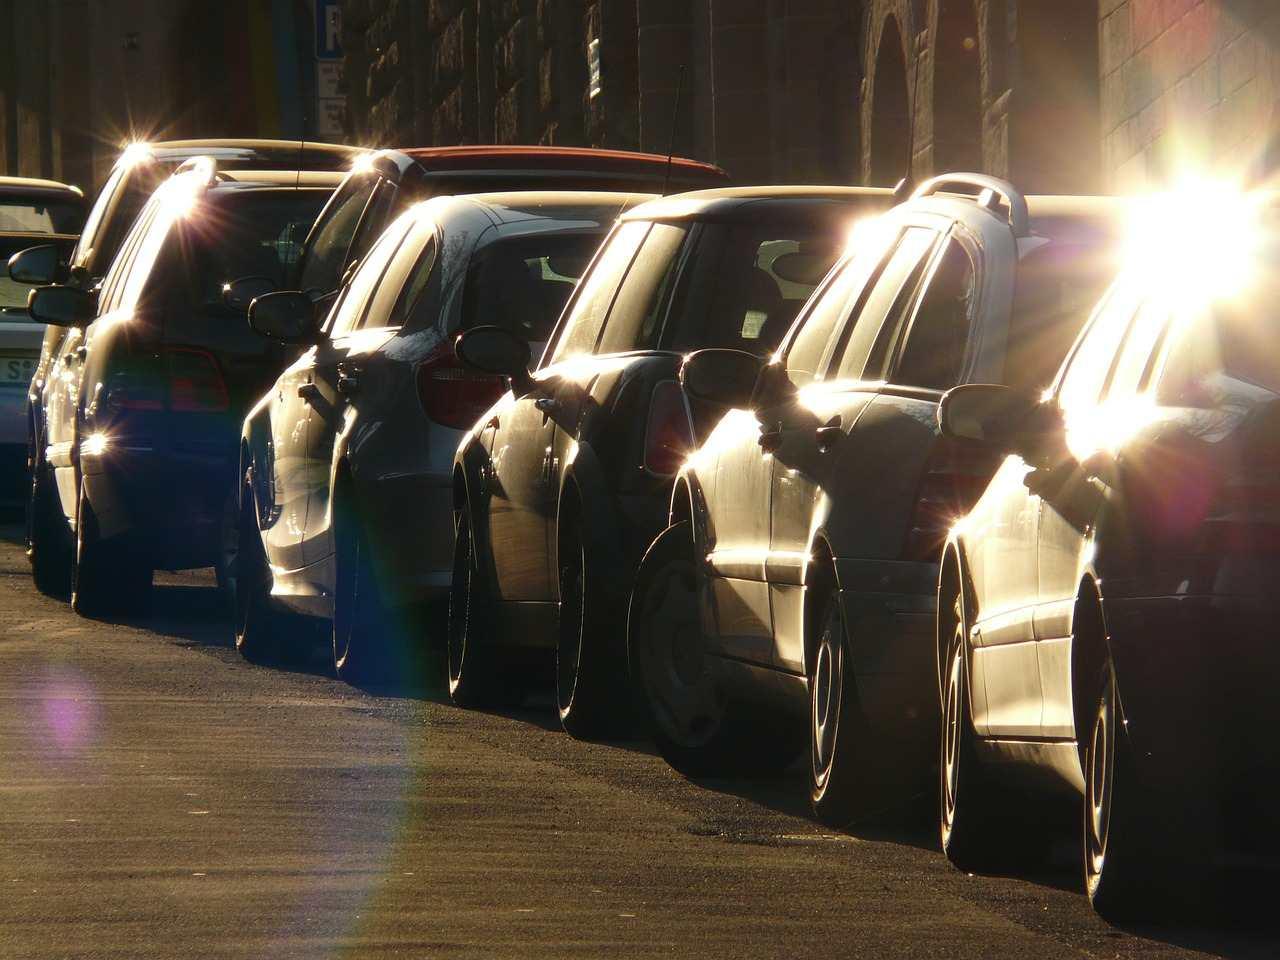 Parkering og parkeringsbøter